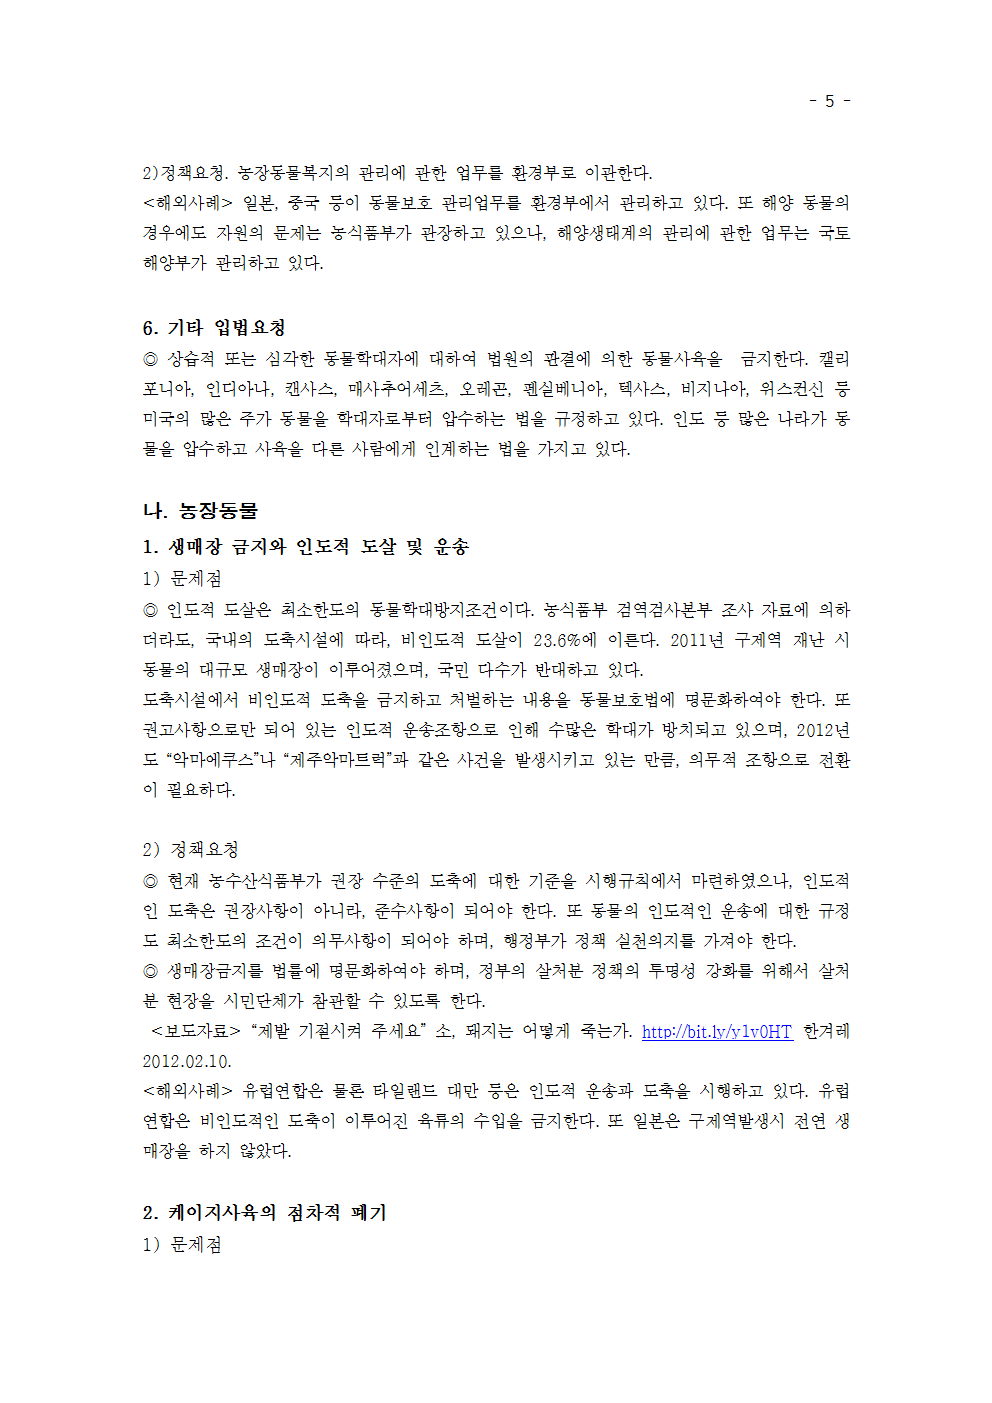 제안서_2012_대선3후보_게시_단축008.png